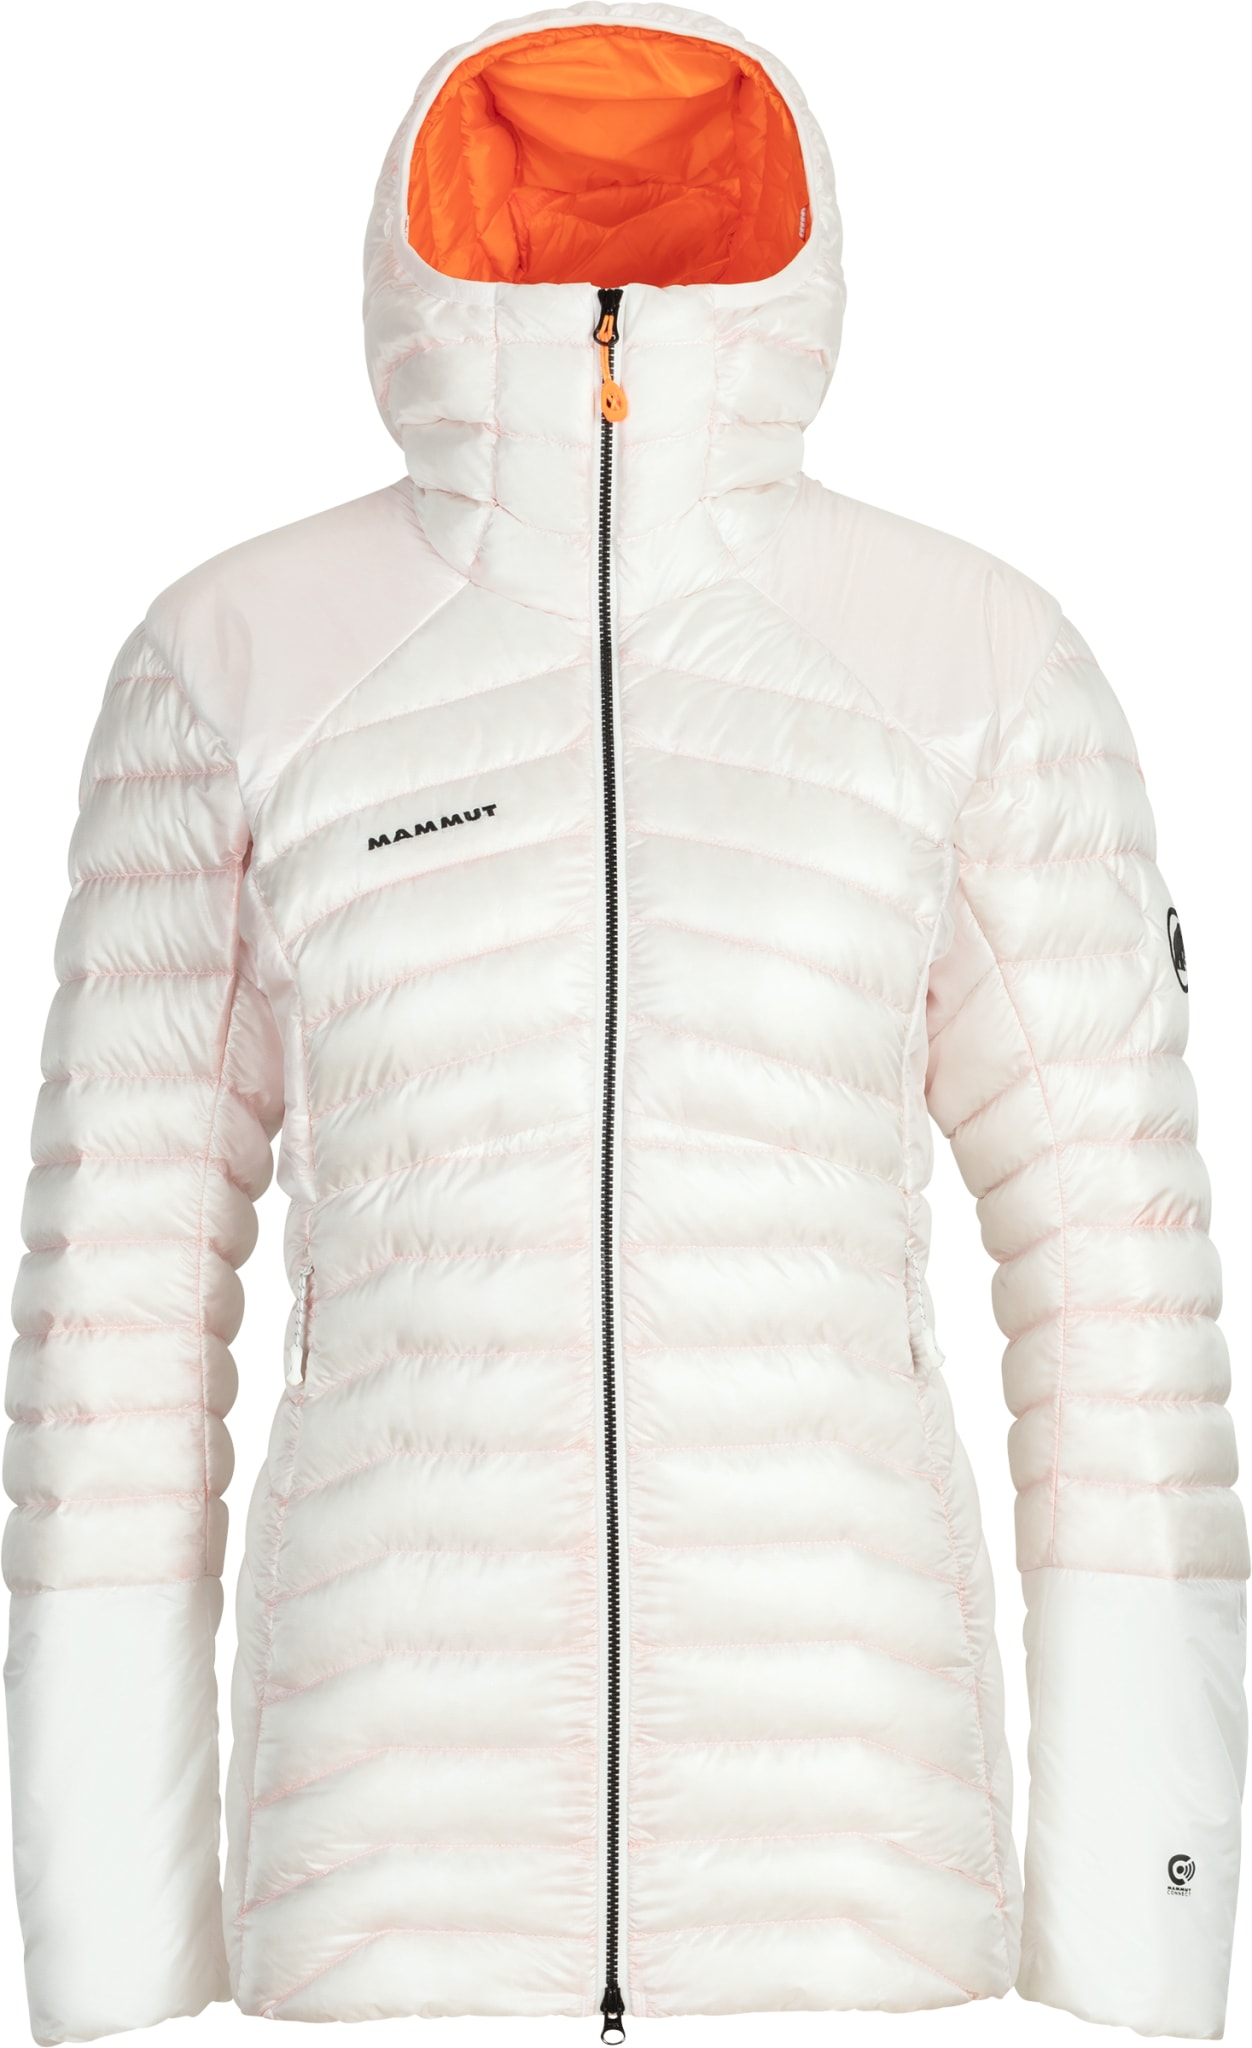 Eigerjoch Advanced IN Hooded Jacket